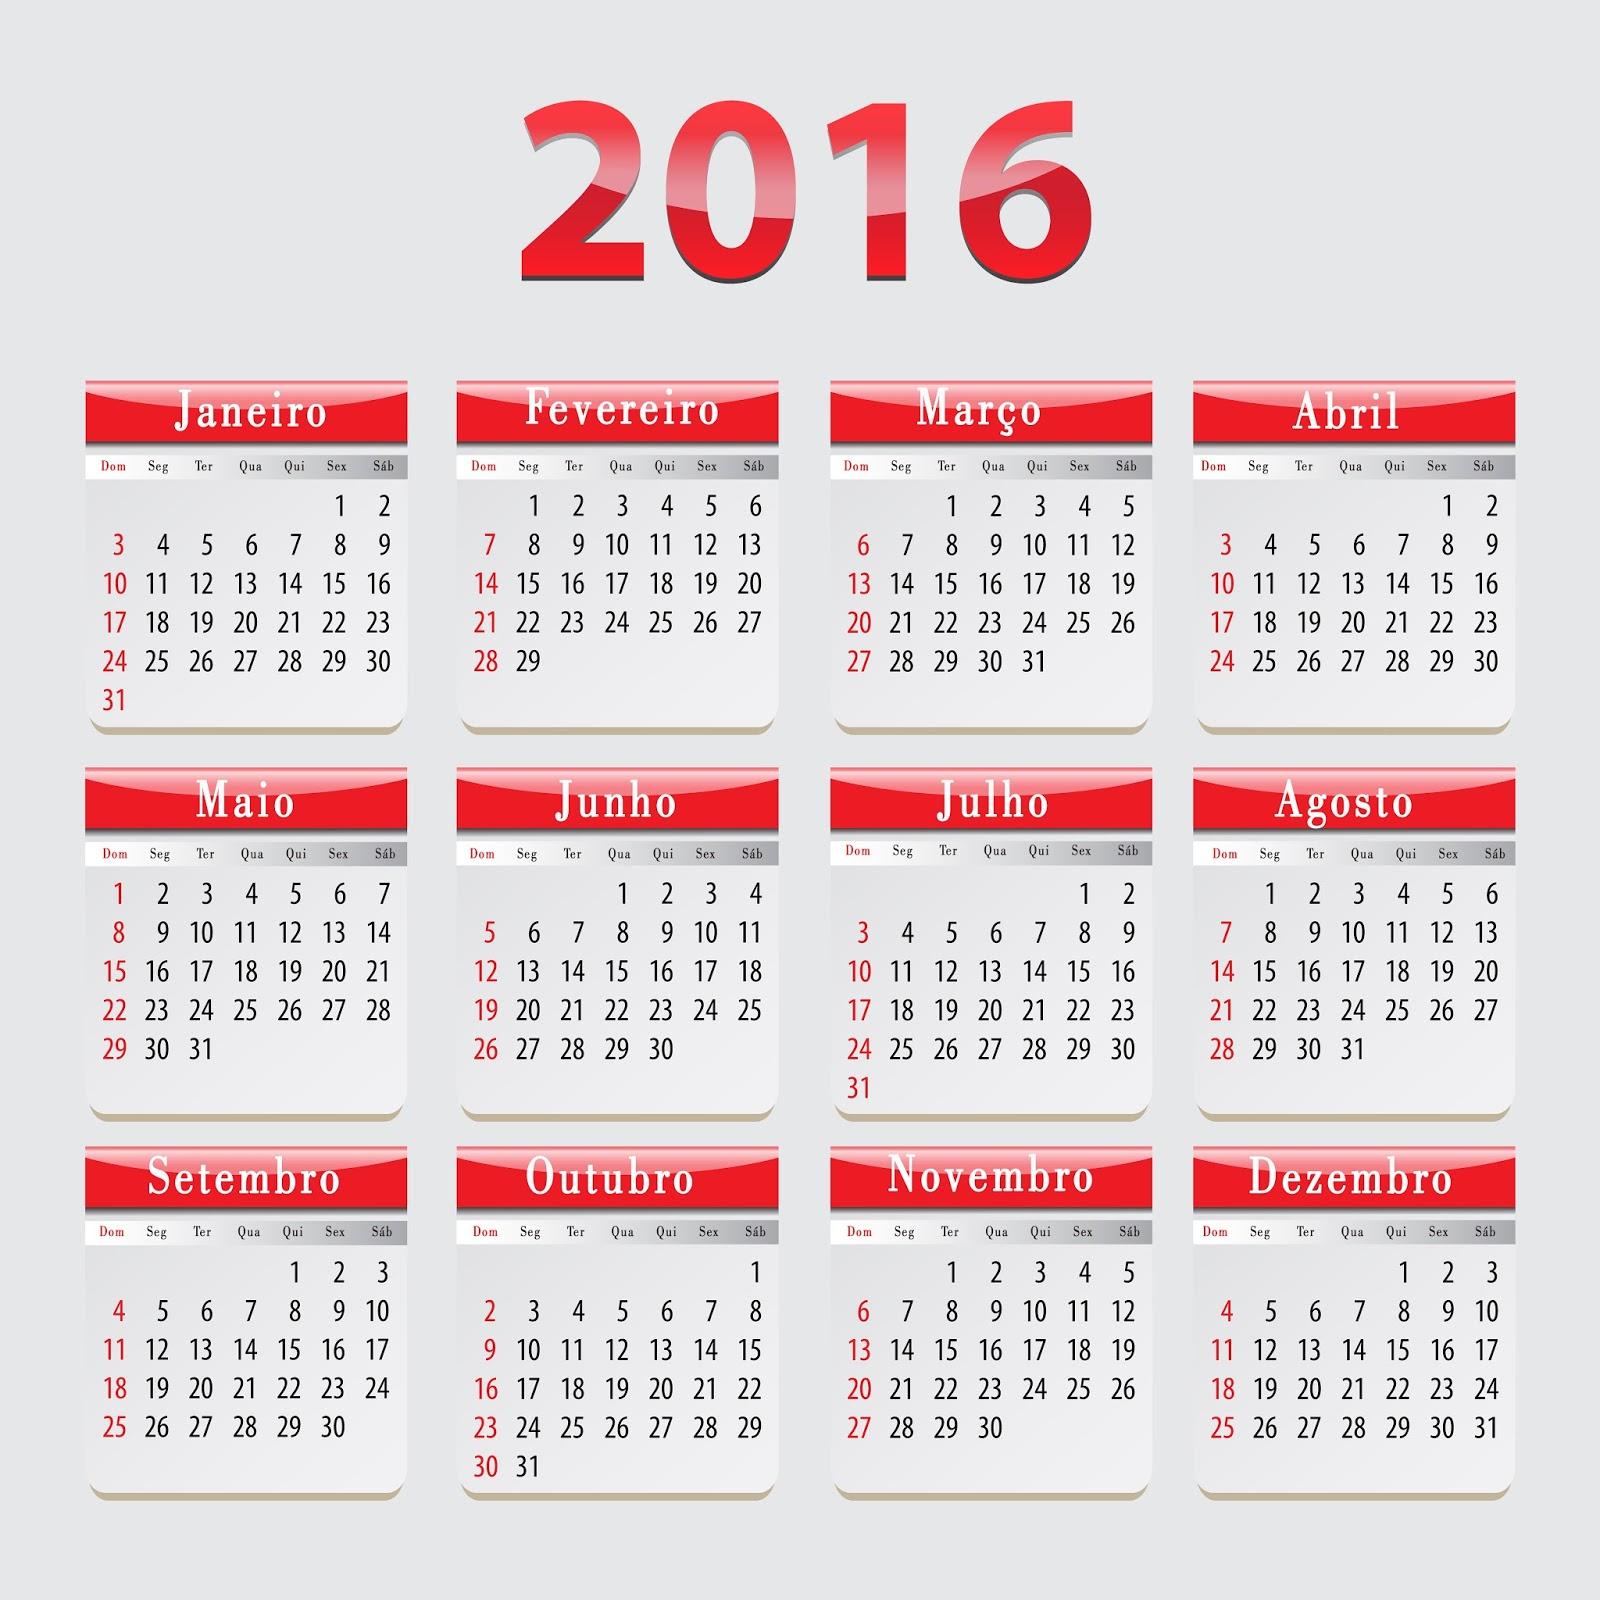 2016-modelo-de-calendario_23-2147512234